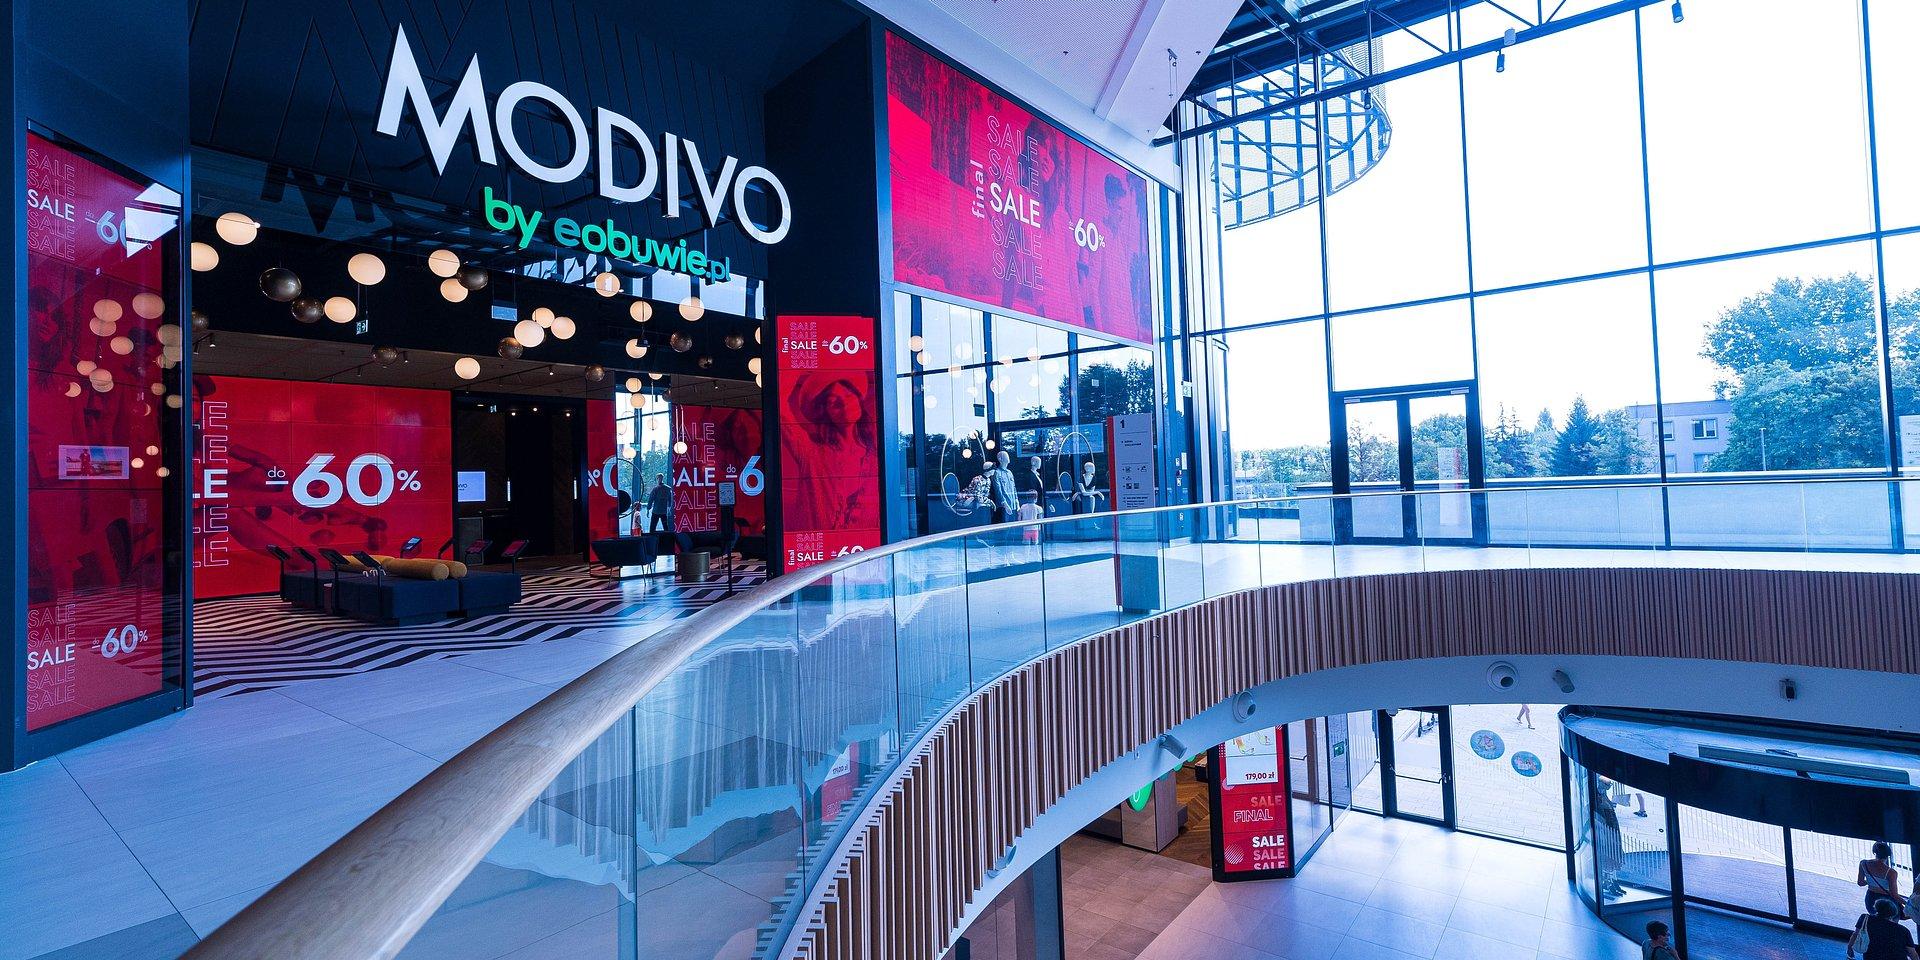 Pierwszy sklep stacjonarny MODIVO, czyli standard zakupów modowych na nowo